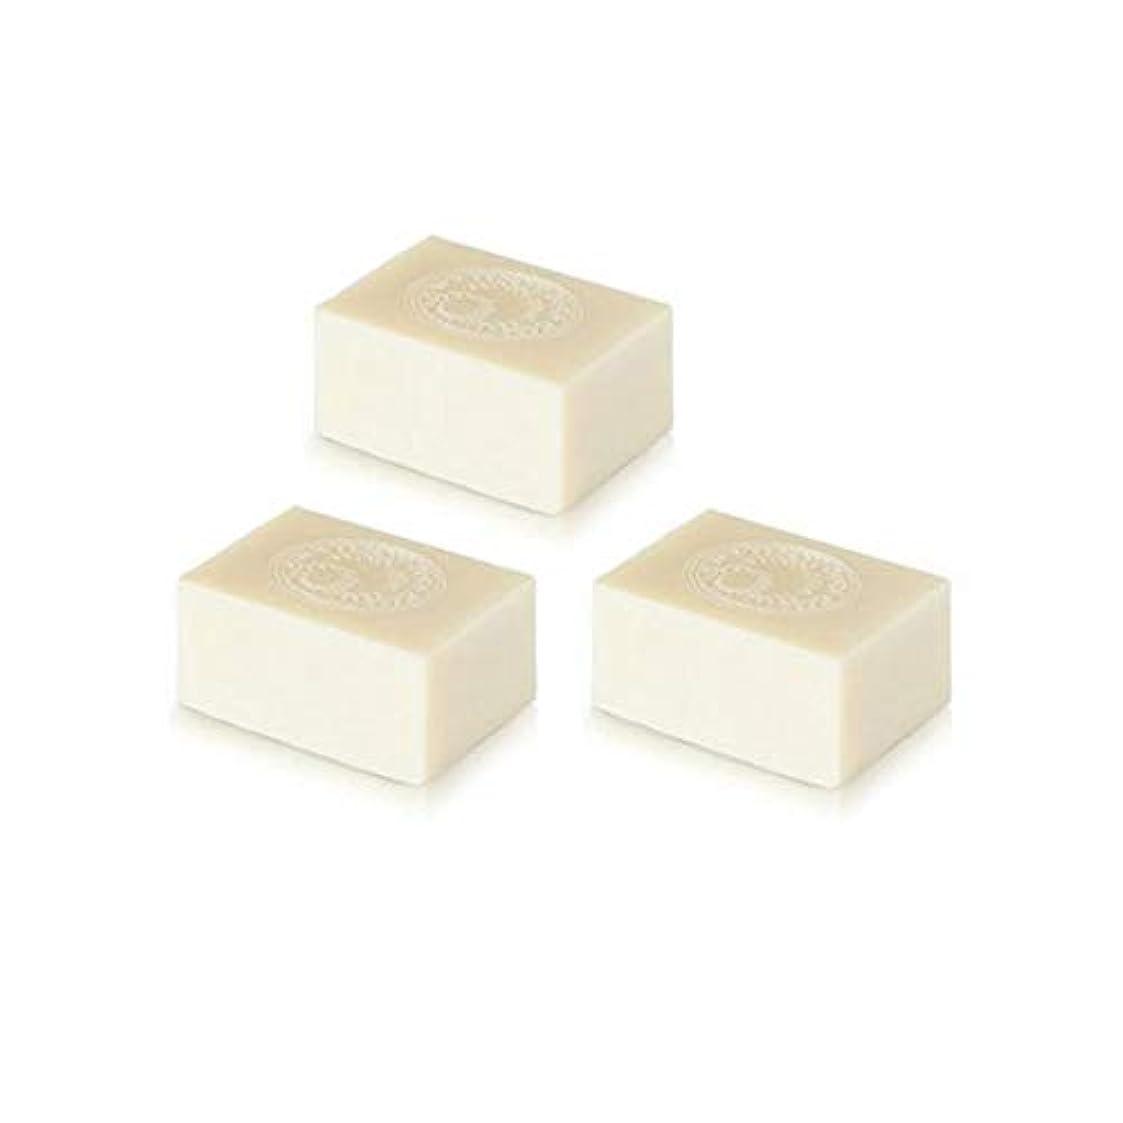 段落料理うれしいアルガン石鹸3個セット( 145g ×3個) アルガンオイルの完全無添加石鹸